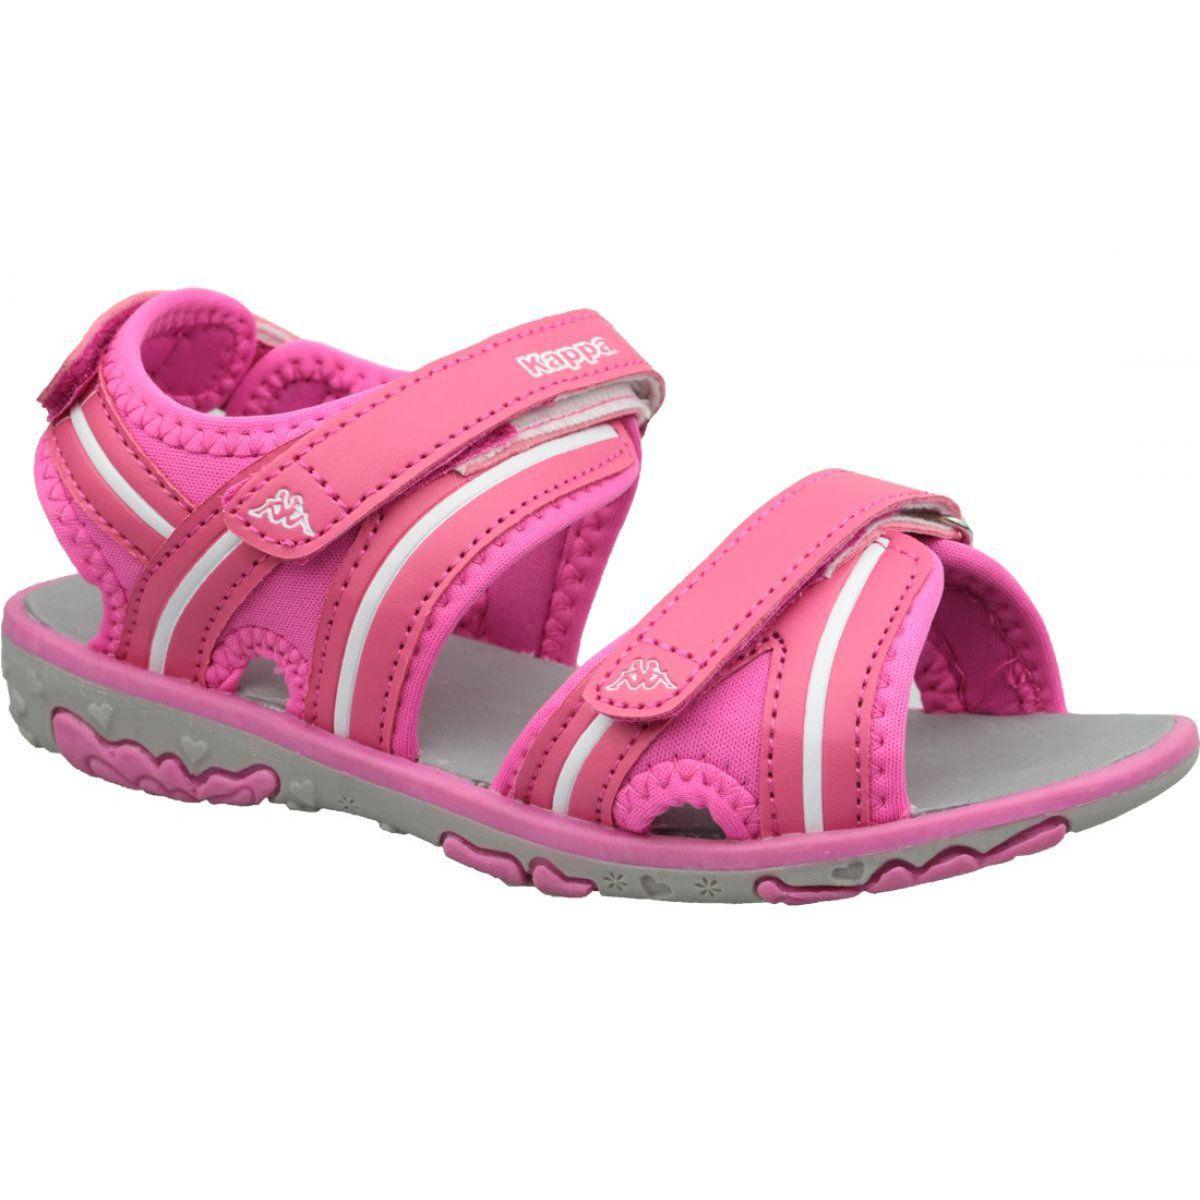 Buty Sportowe Dzieciece Dla Dzieci Inny Sandaly Kappa Breezy Ii K 260679k 2210 Rozowe Baby Shoes Shoes Sandals